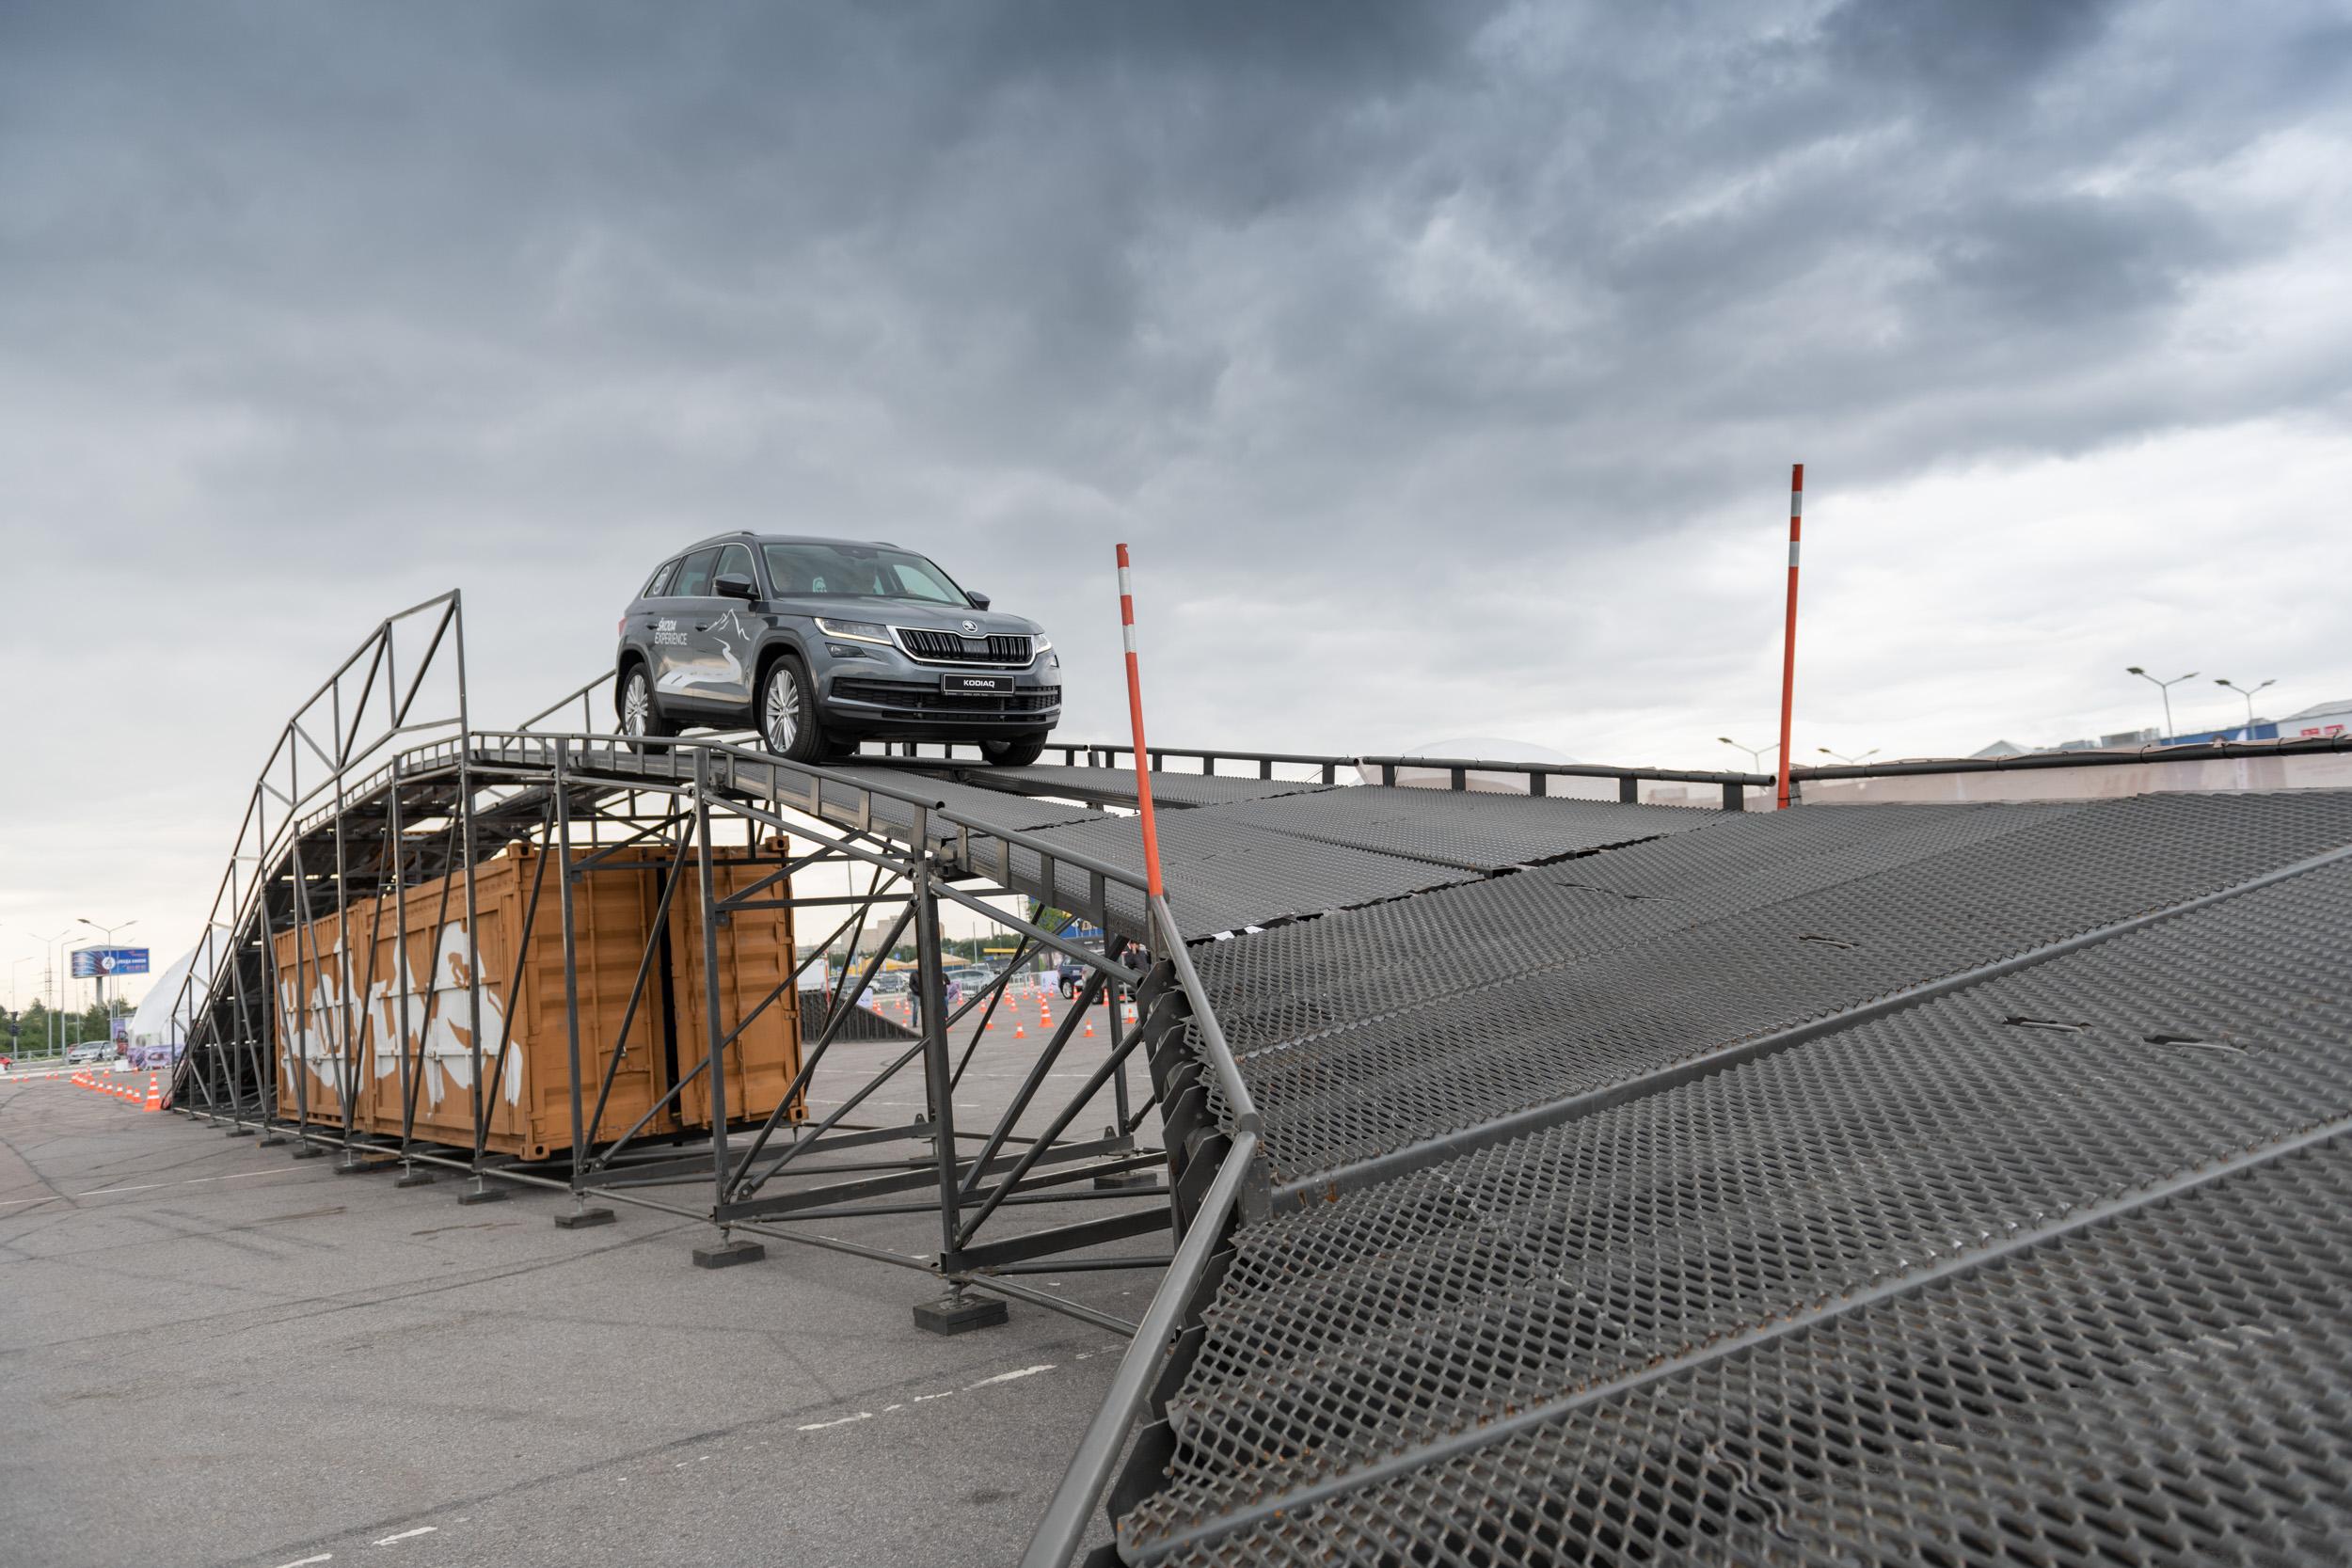 В Санкт-Петербурге прошла серия тест-драйвов Skoda Experience